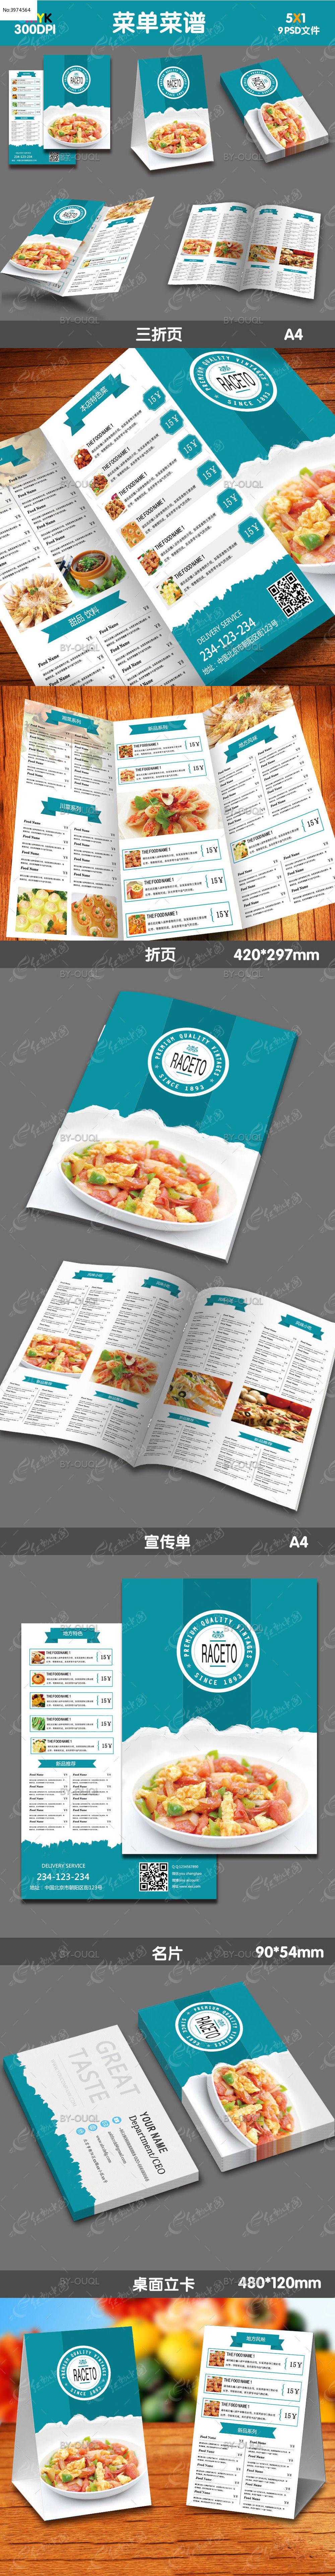 高档简约菜谱菜单宣传单设计图片